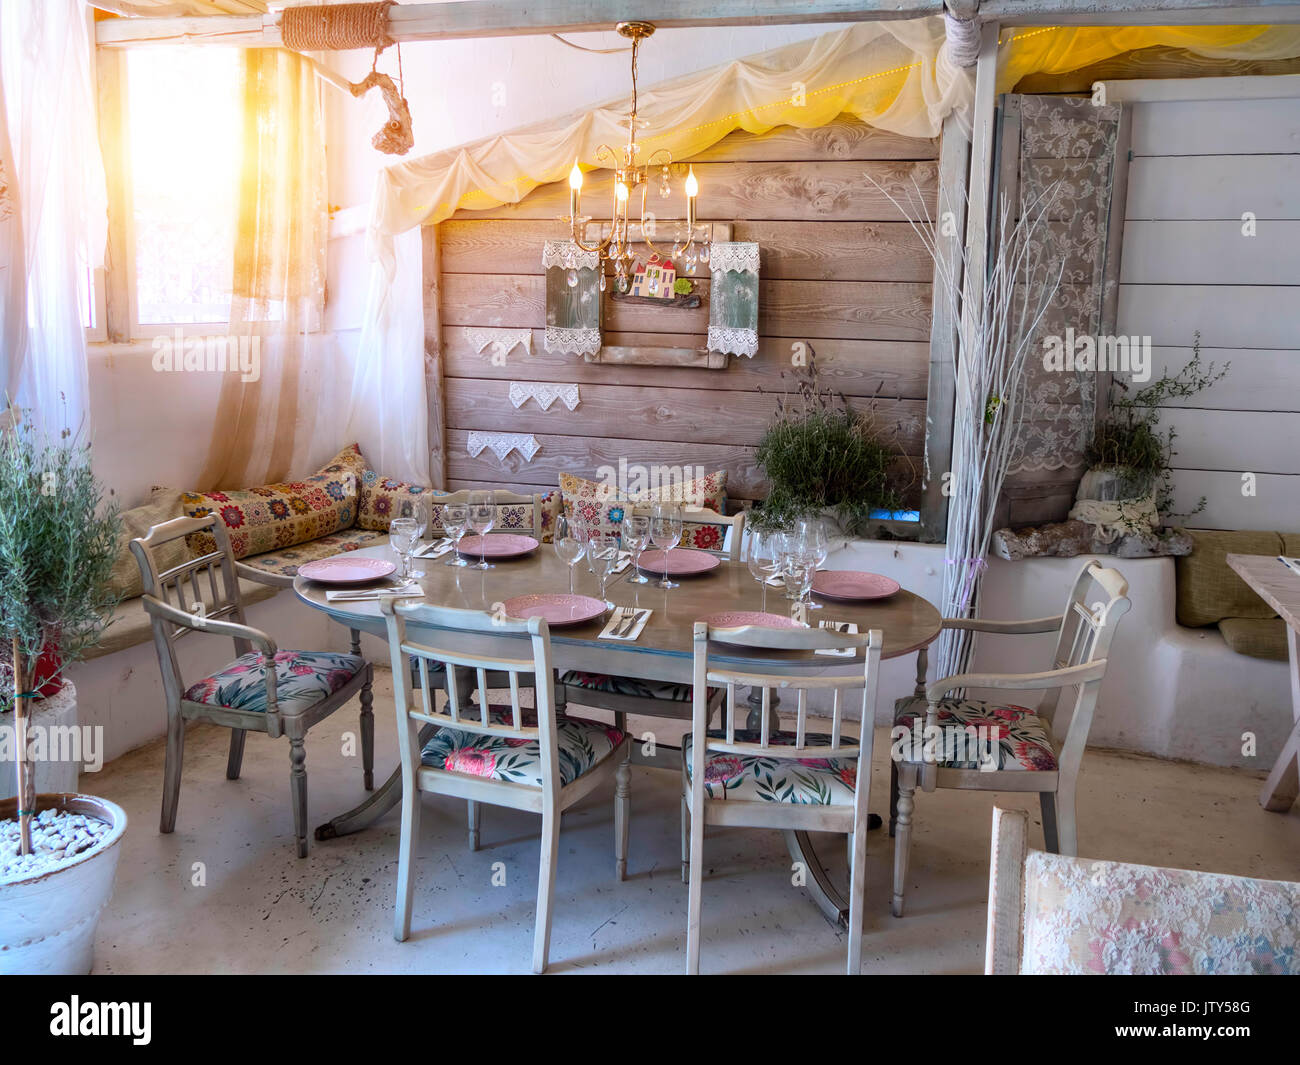 Ein Kleines Esszimmer In Einem Rustikalen Haus In Einem Alten Stil